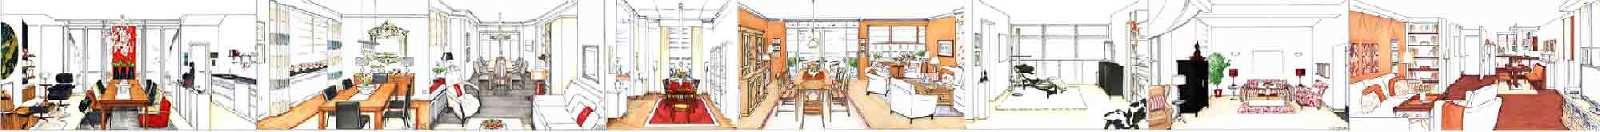 Wohnzimmer Planung Innenarchitekt